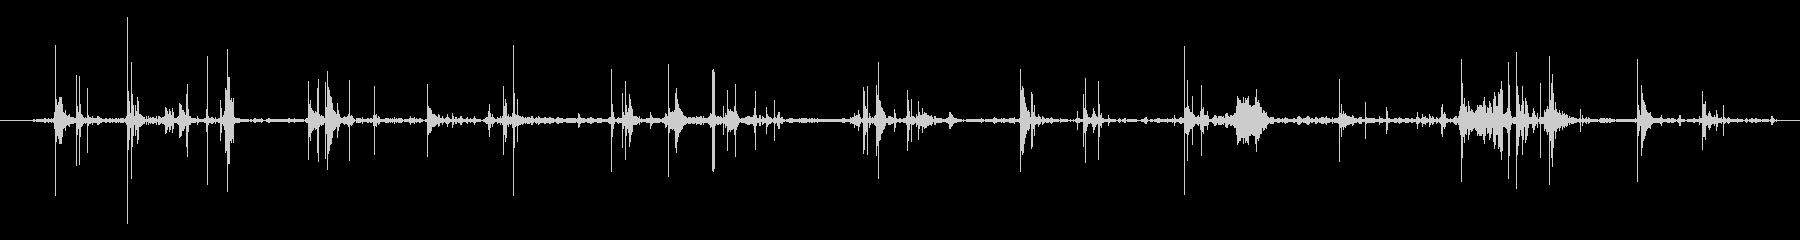 モンスター 肉食03の未再生の波形